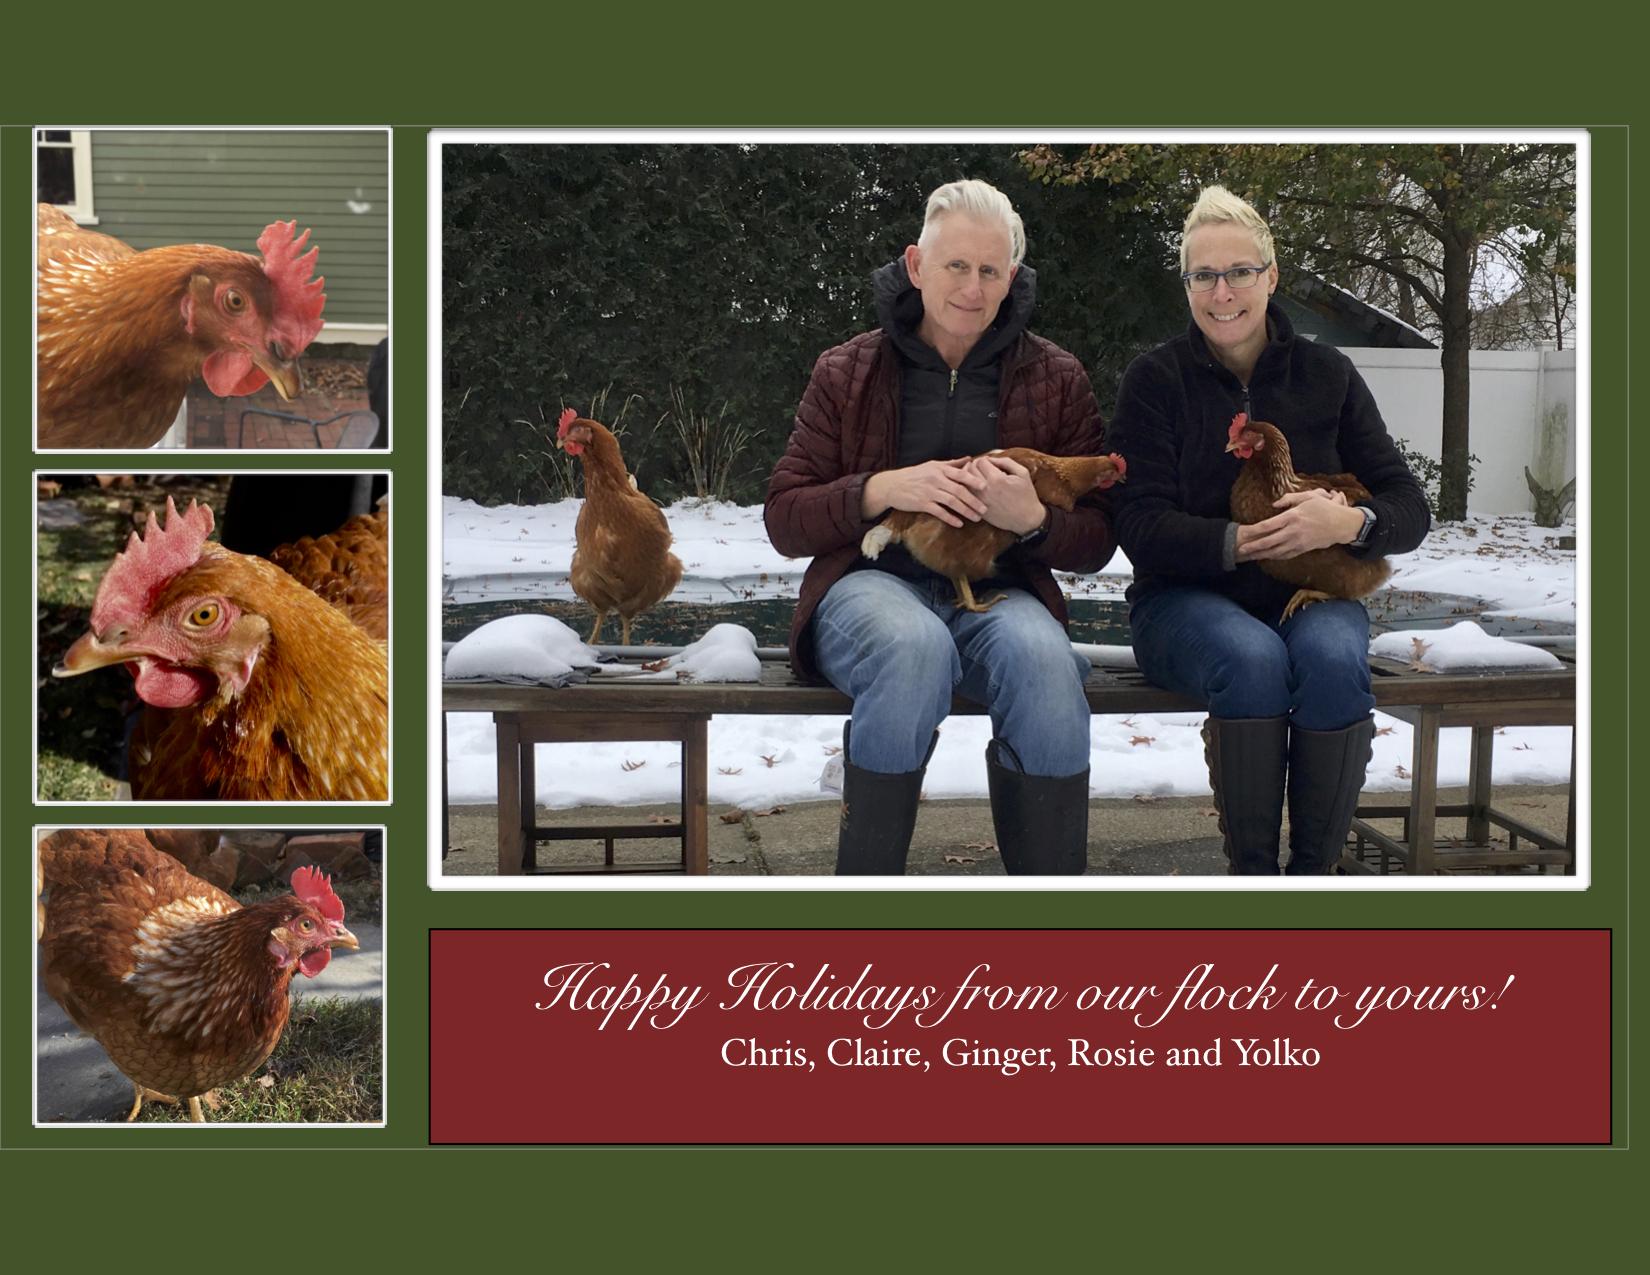 Holiday card v 2.jpg